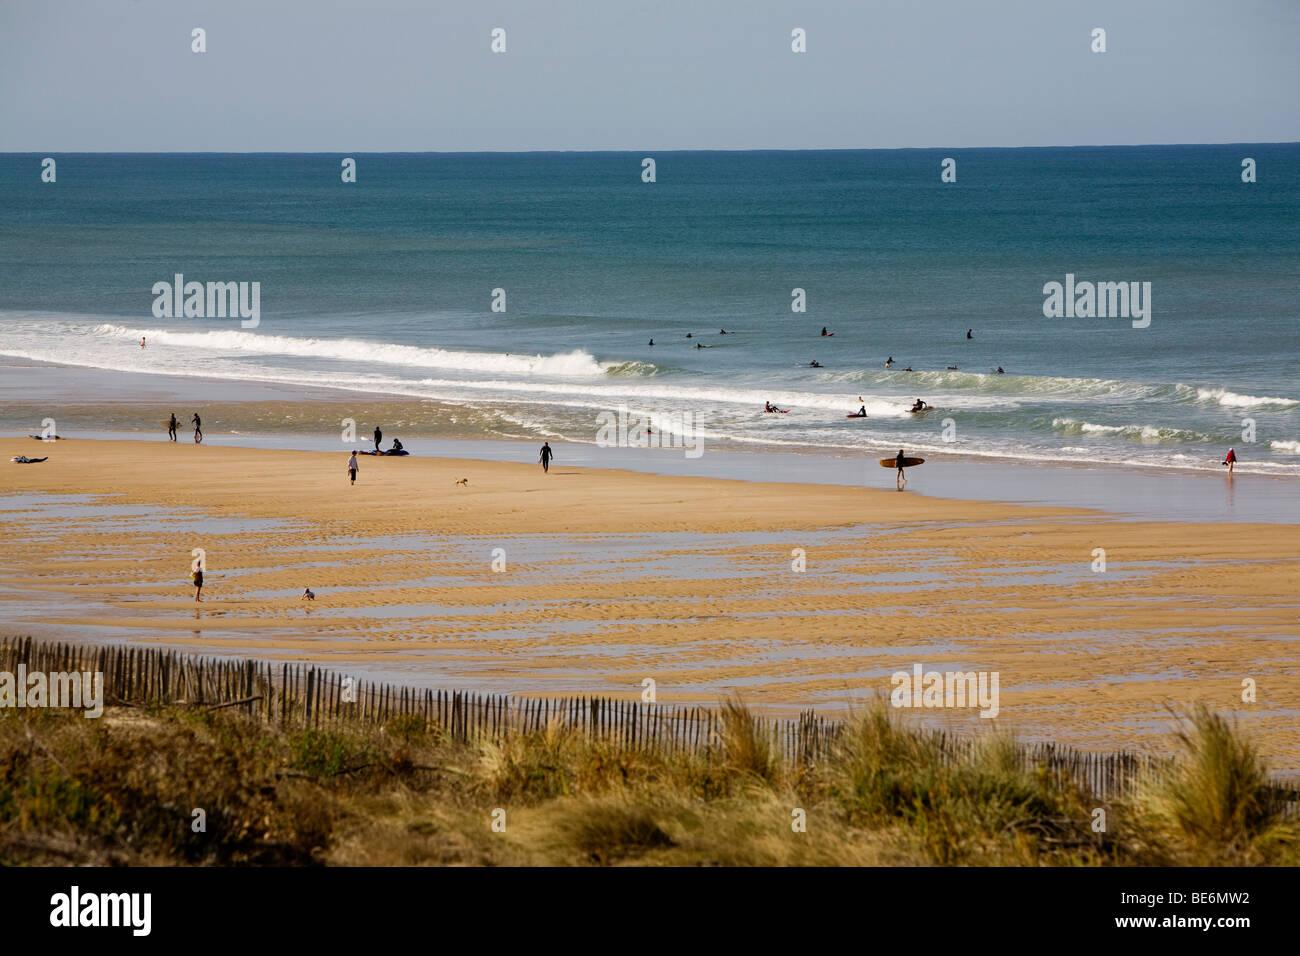 La tranquila playa en Lacanau ocean en el Atlántico sur, la costa occidental de Francia en la región de Imagen De Stock